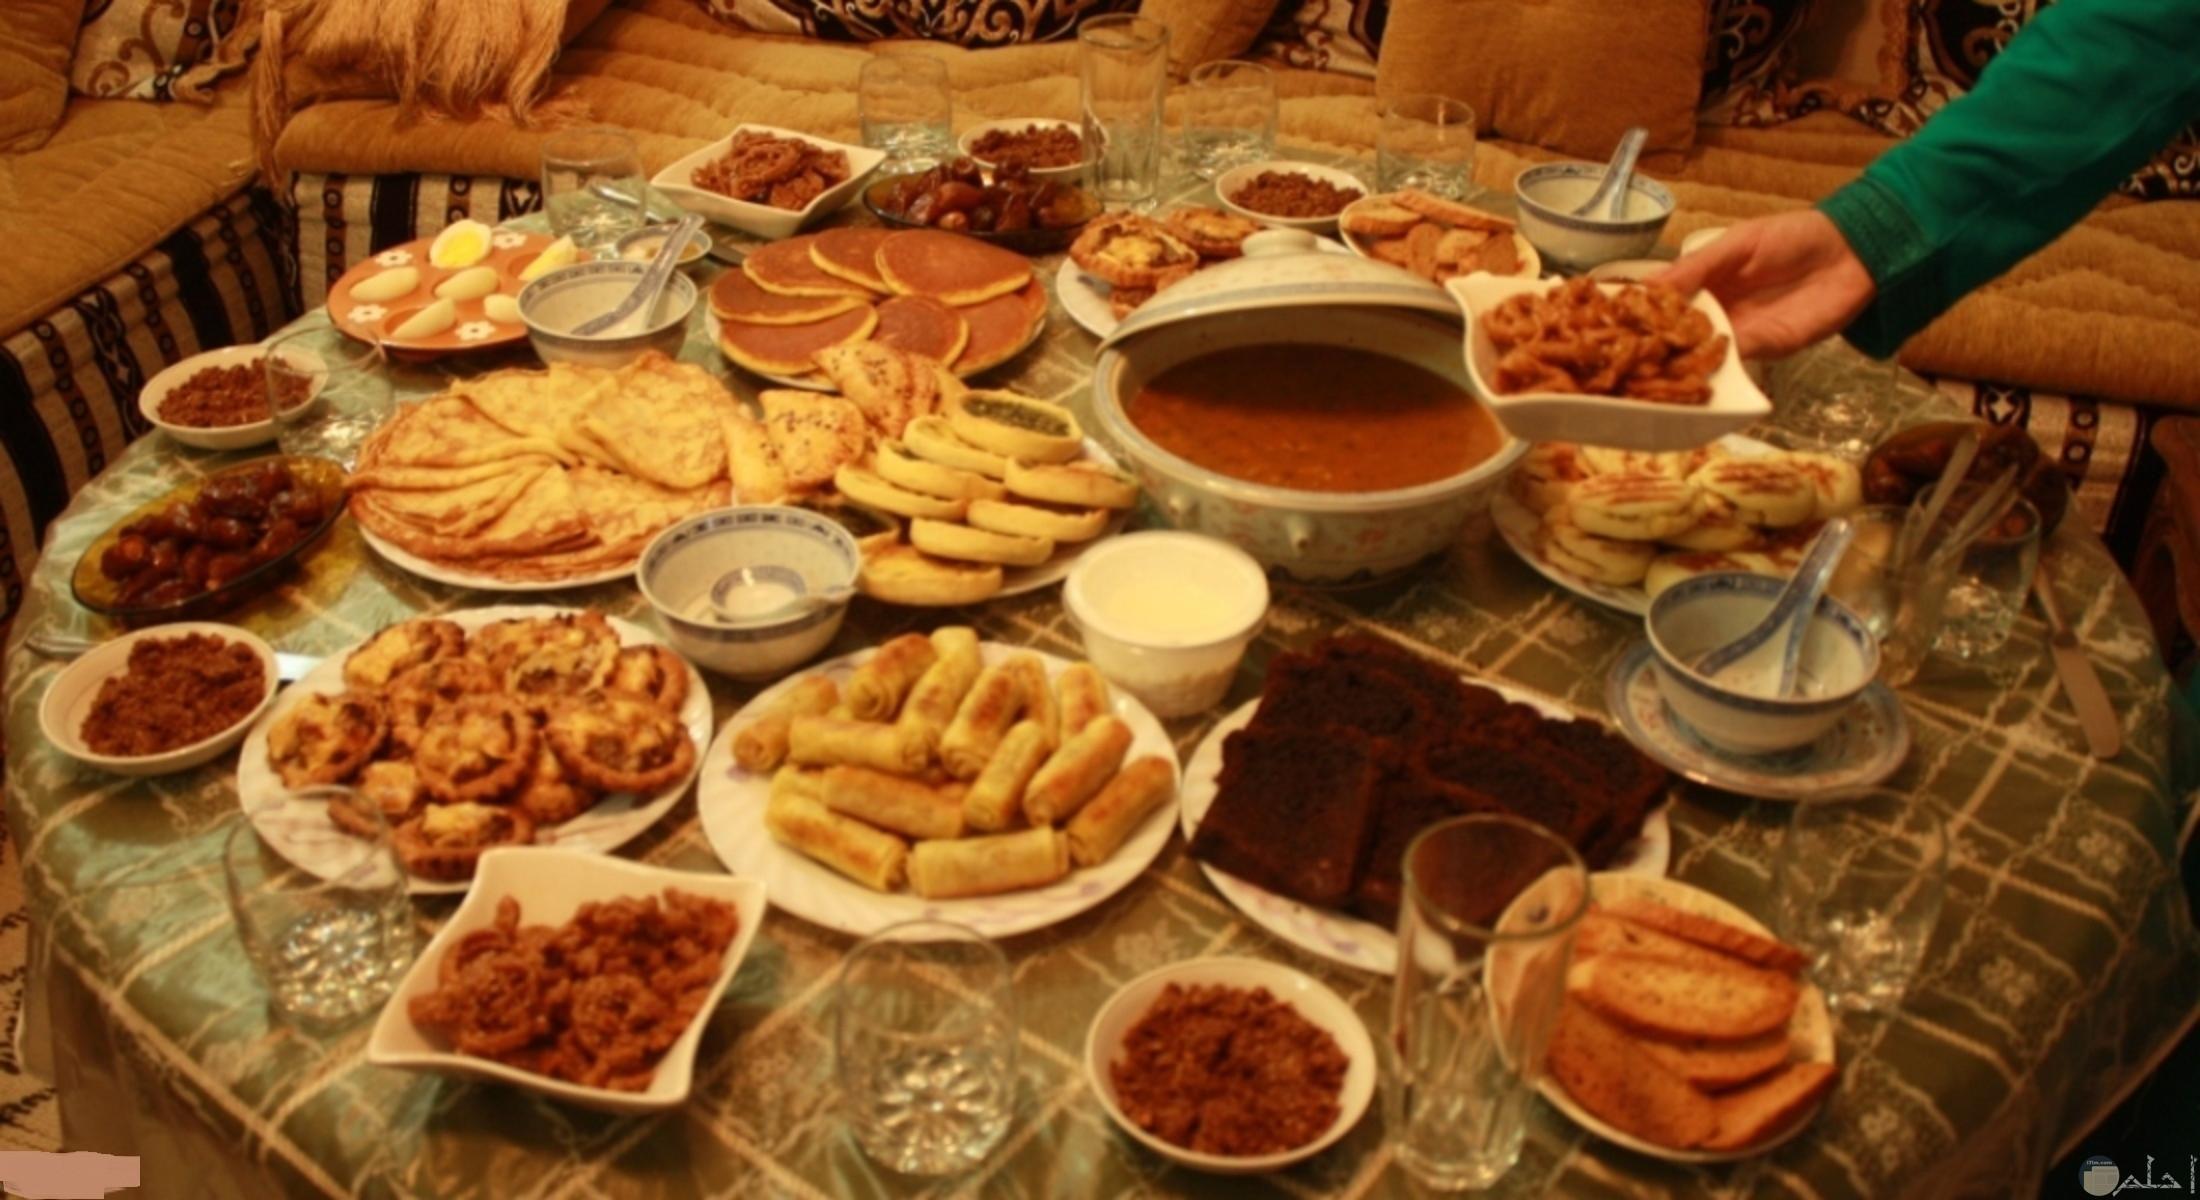 تشكيلة متكاملة لإفطار رمضان.